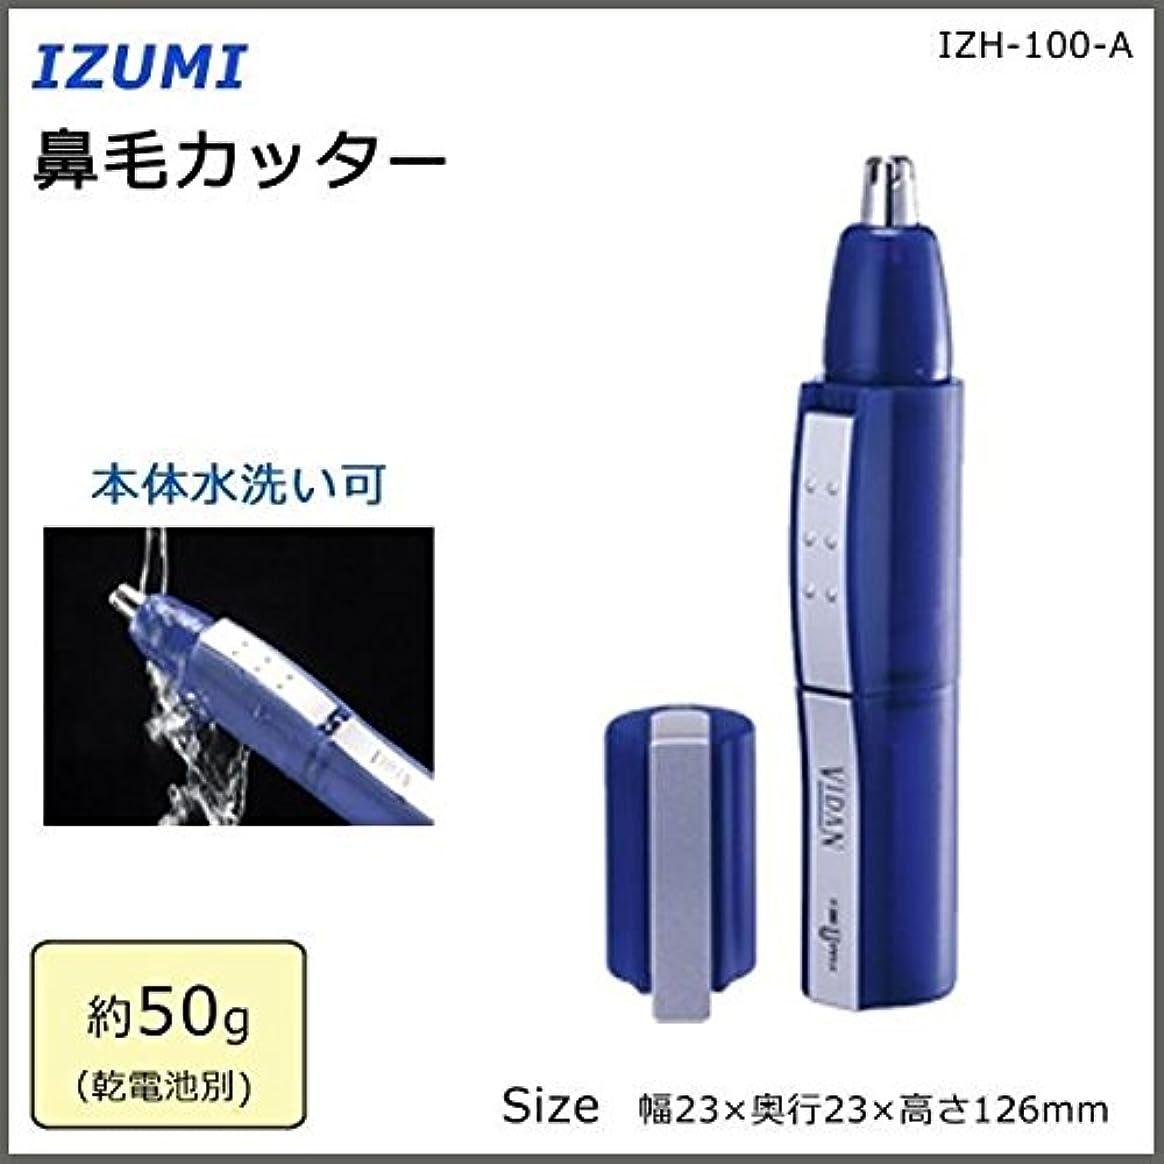 先行するあえてフィドルIZUMI 鼻毛カッター IZH-100-A